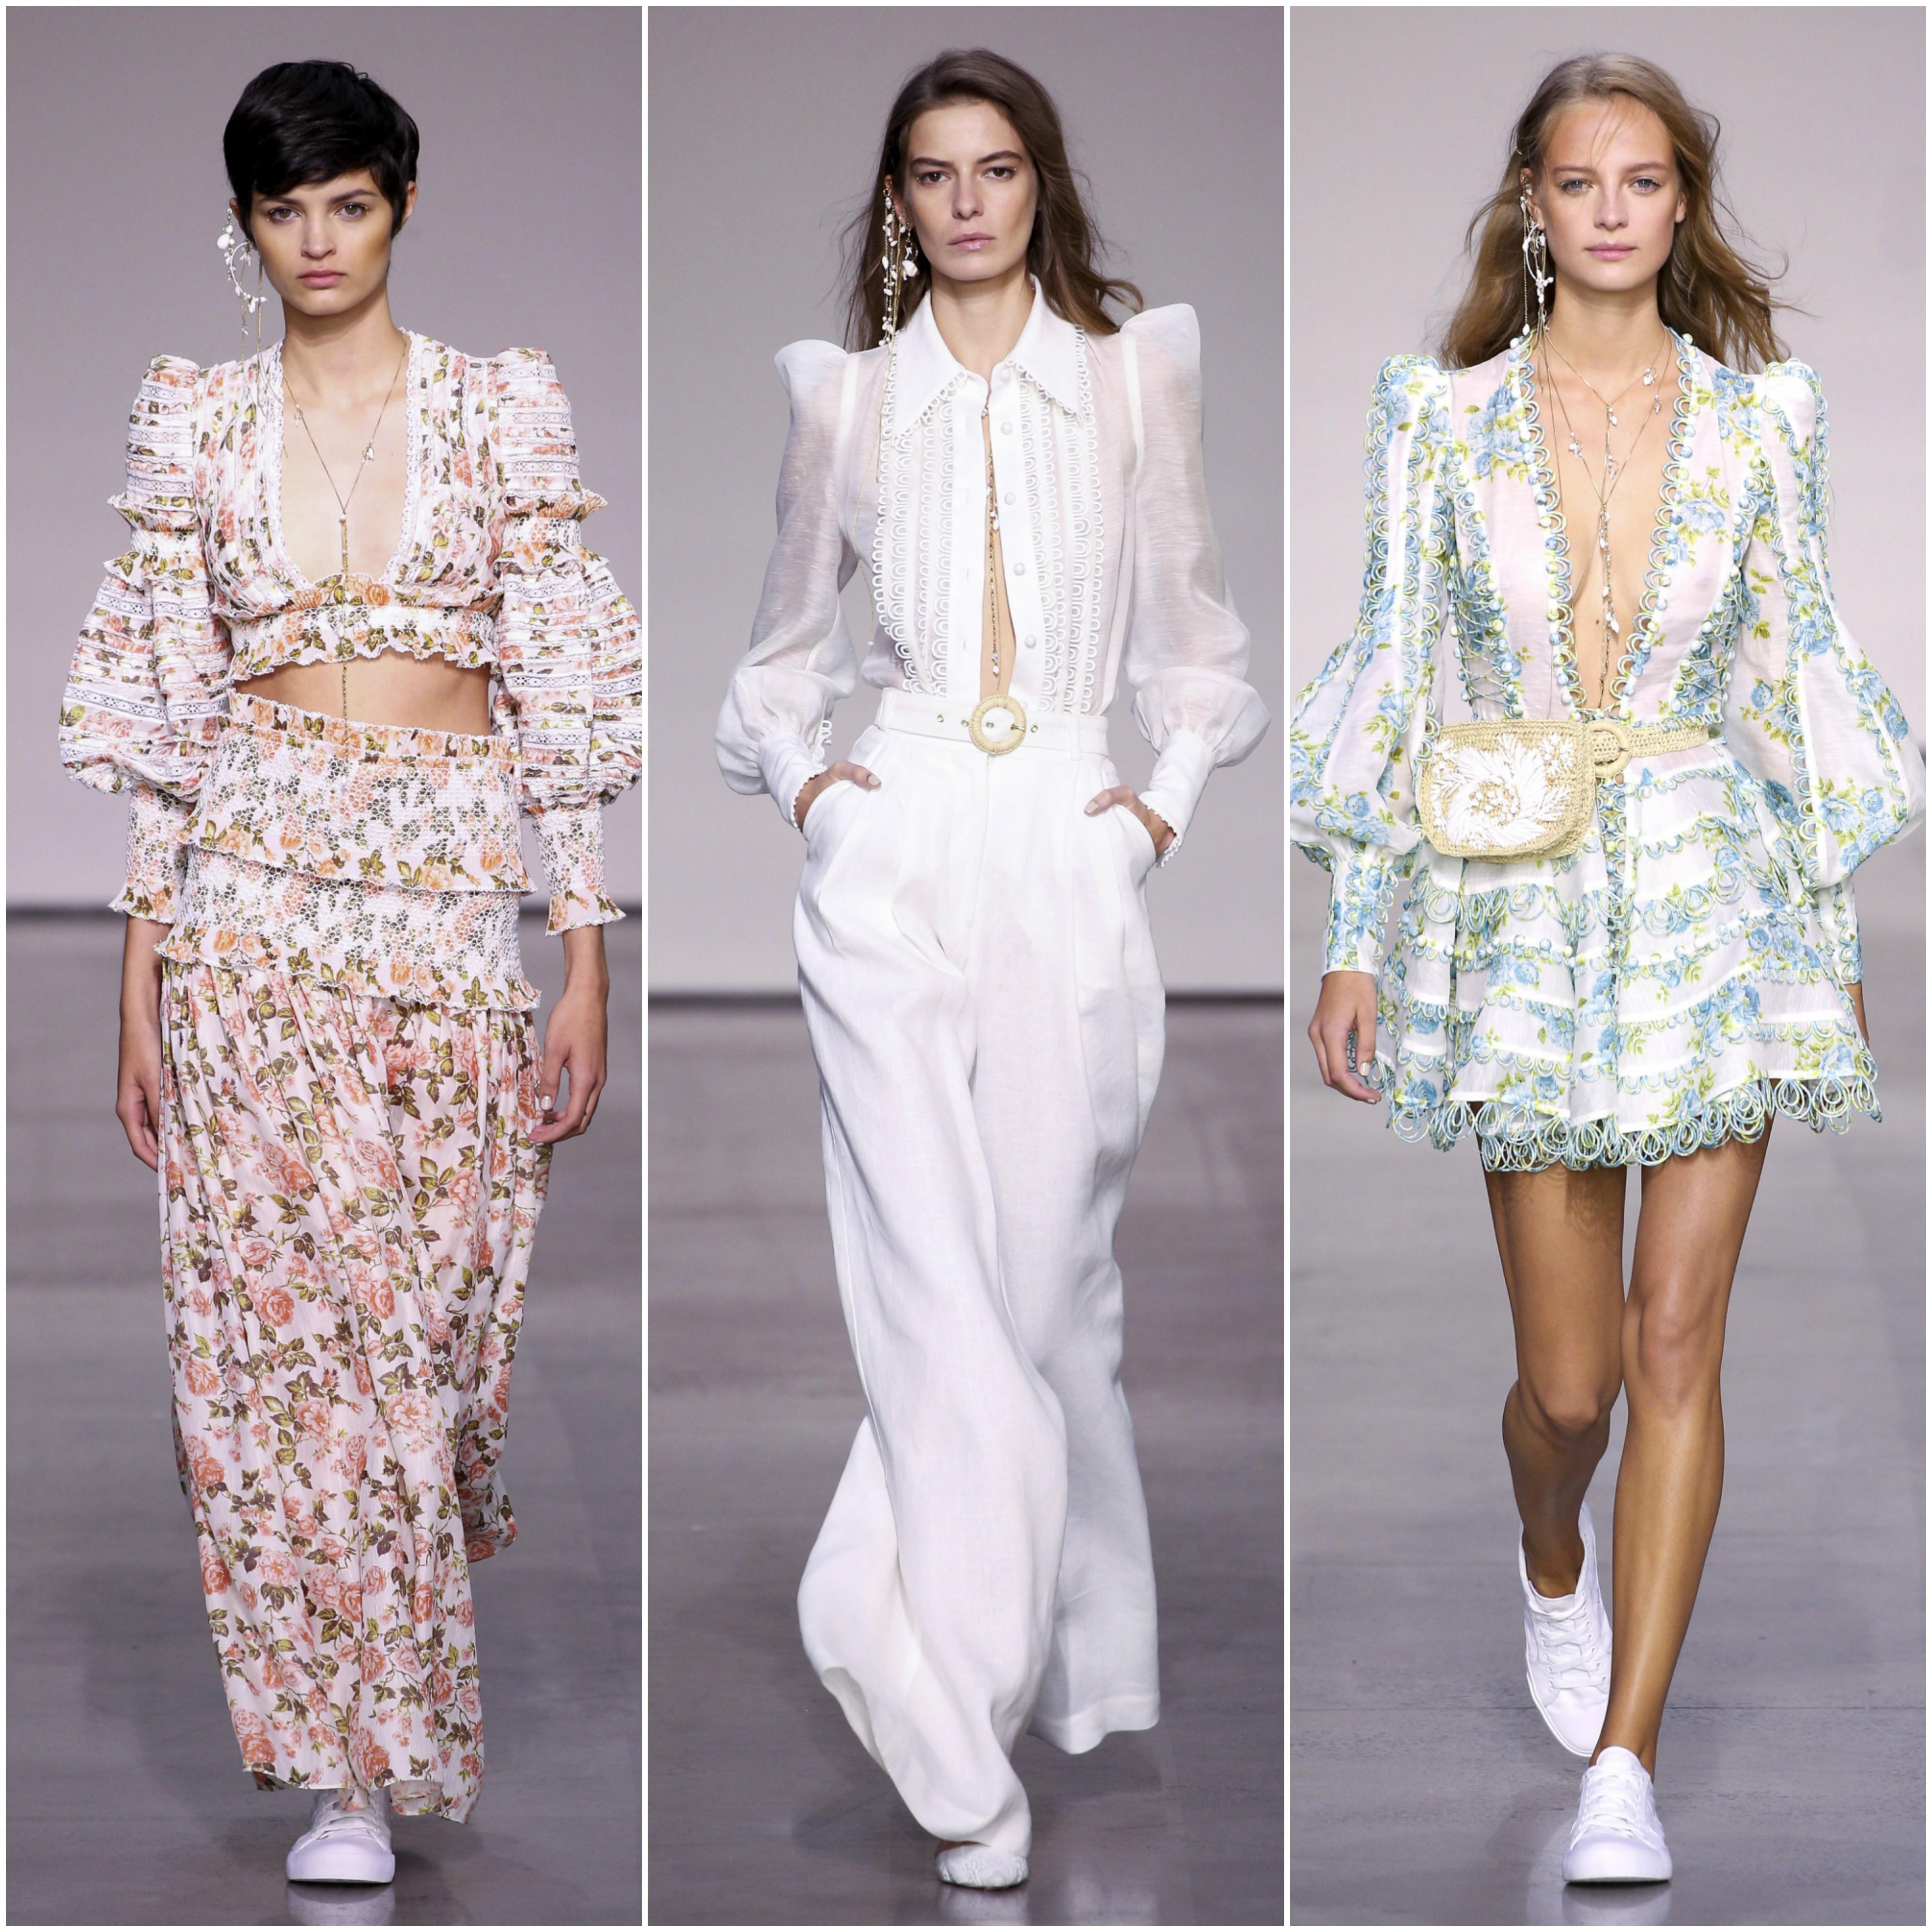 httpss://eu.zimmermannwear.com/, dressedbytia.com, Tia Stankova, Stylist